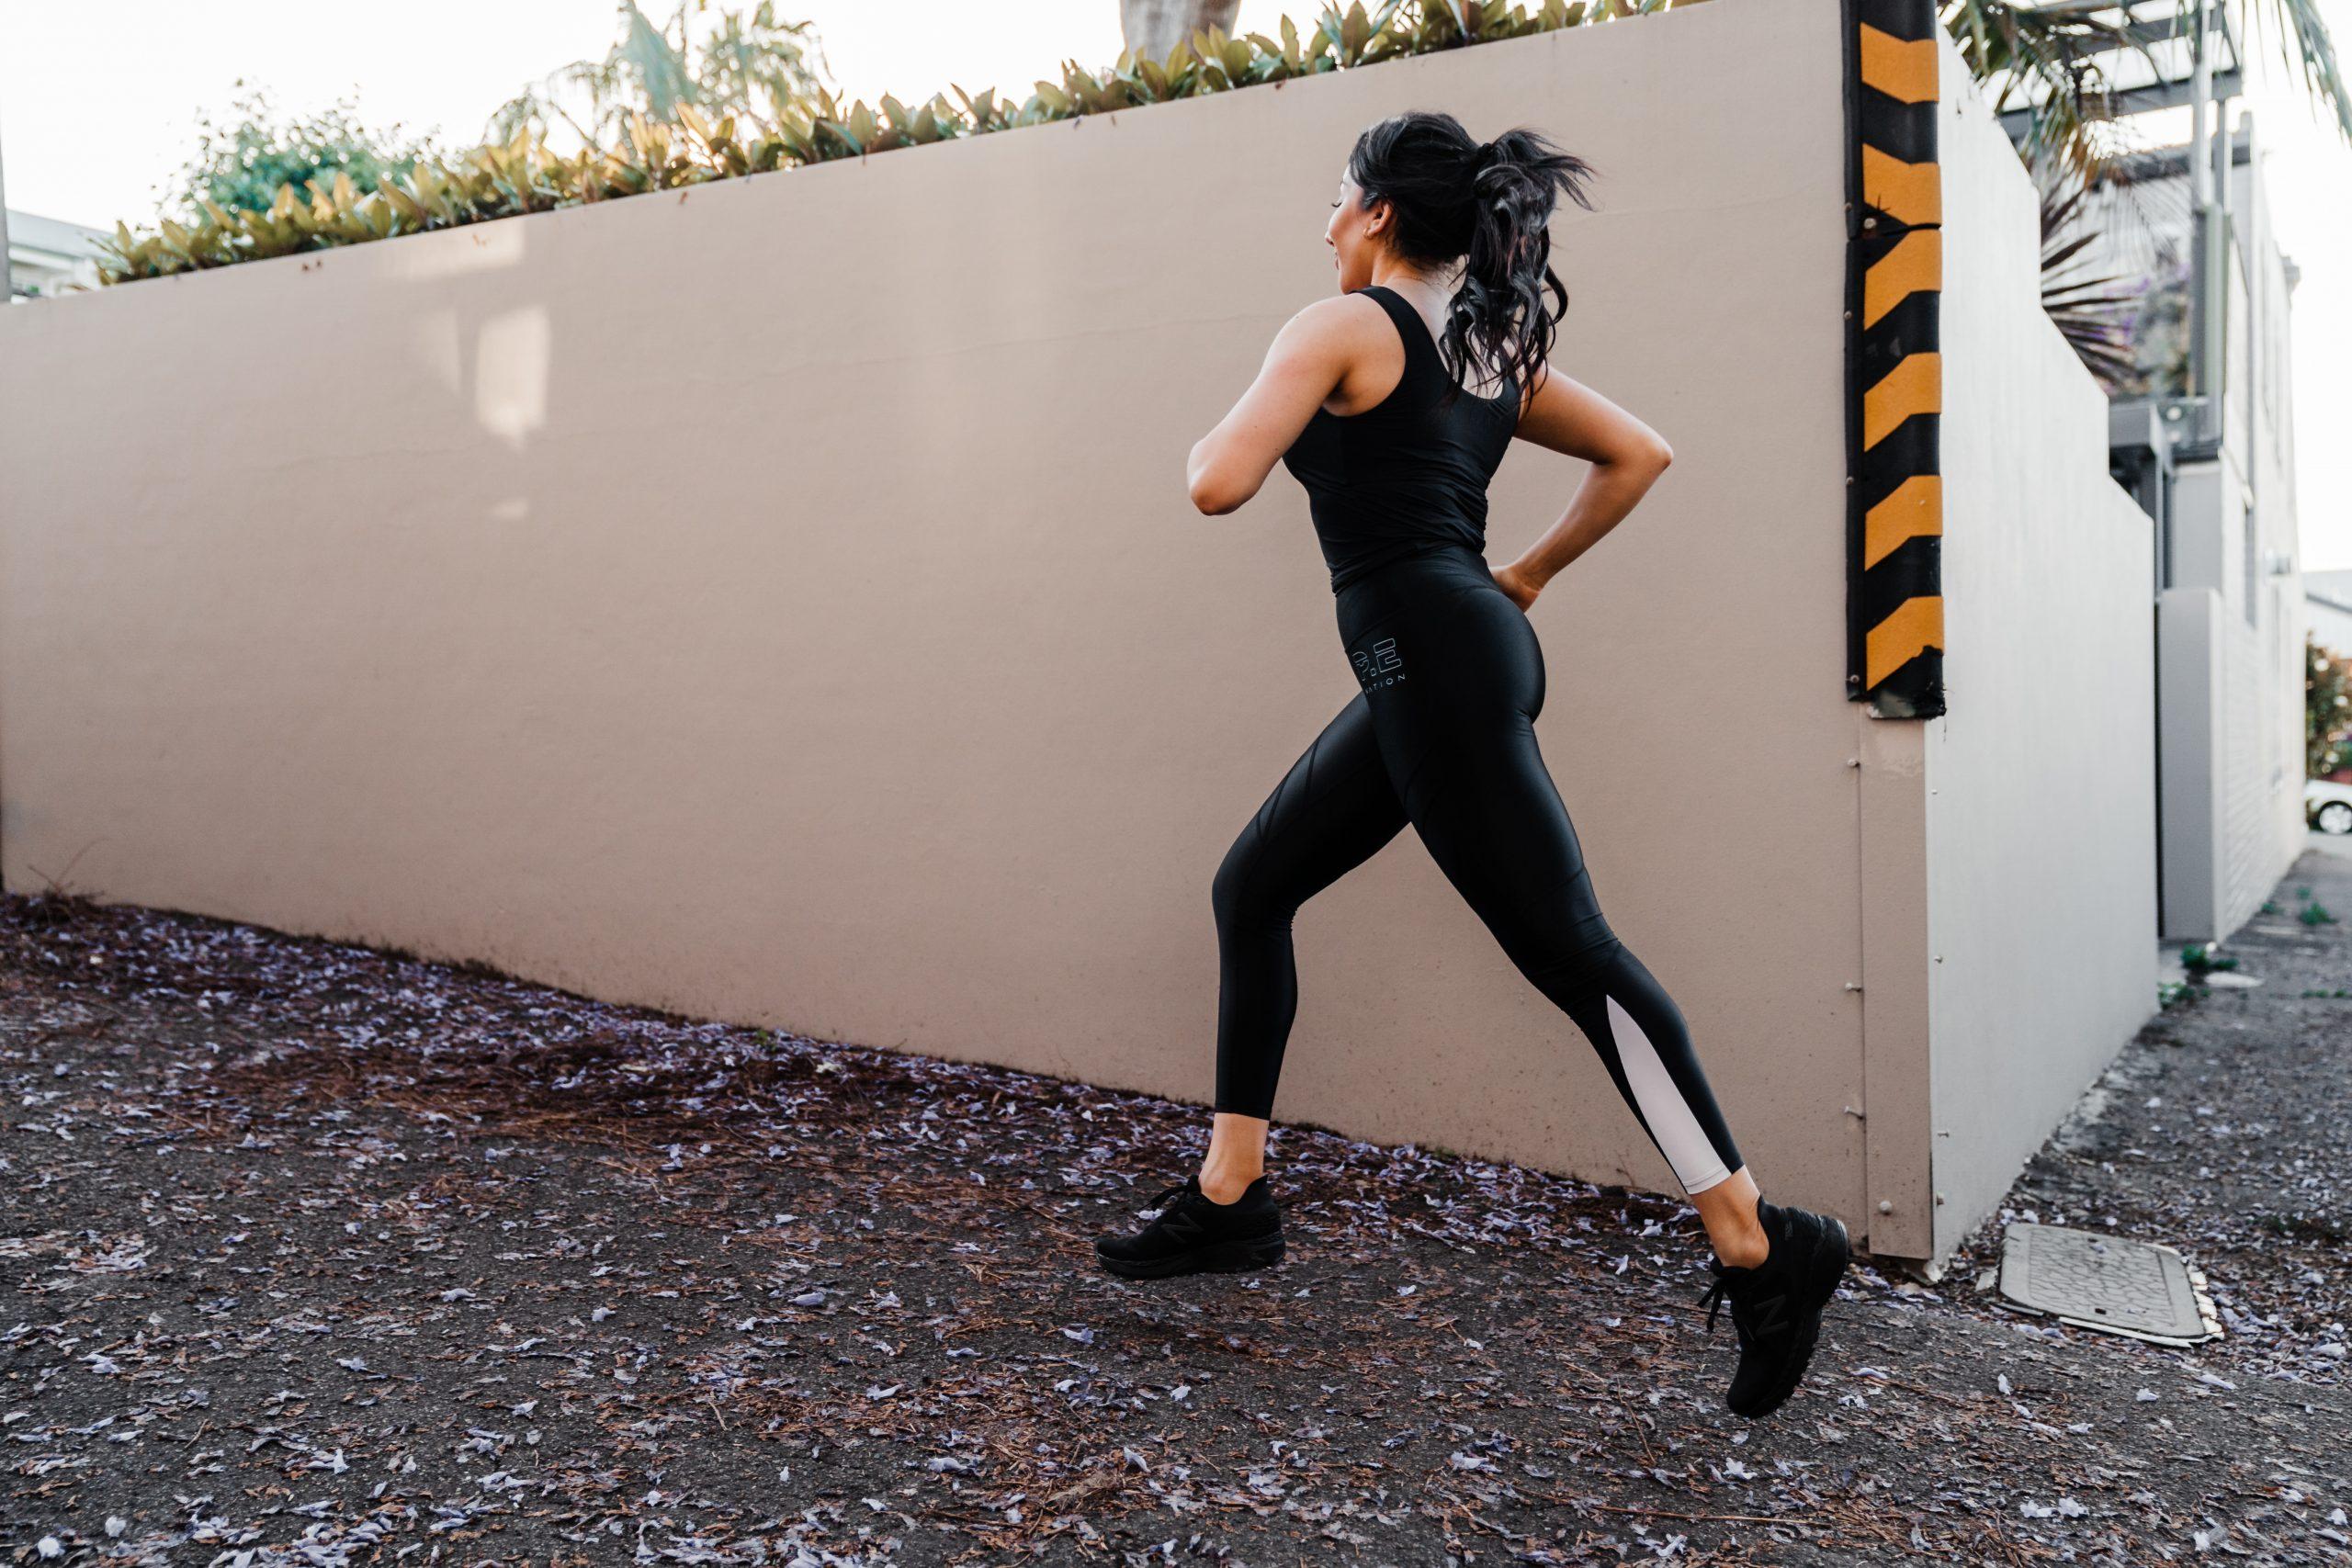 Podiatry-Footwear-Fitness